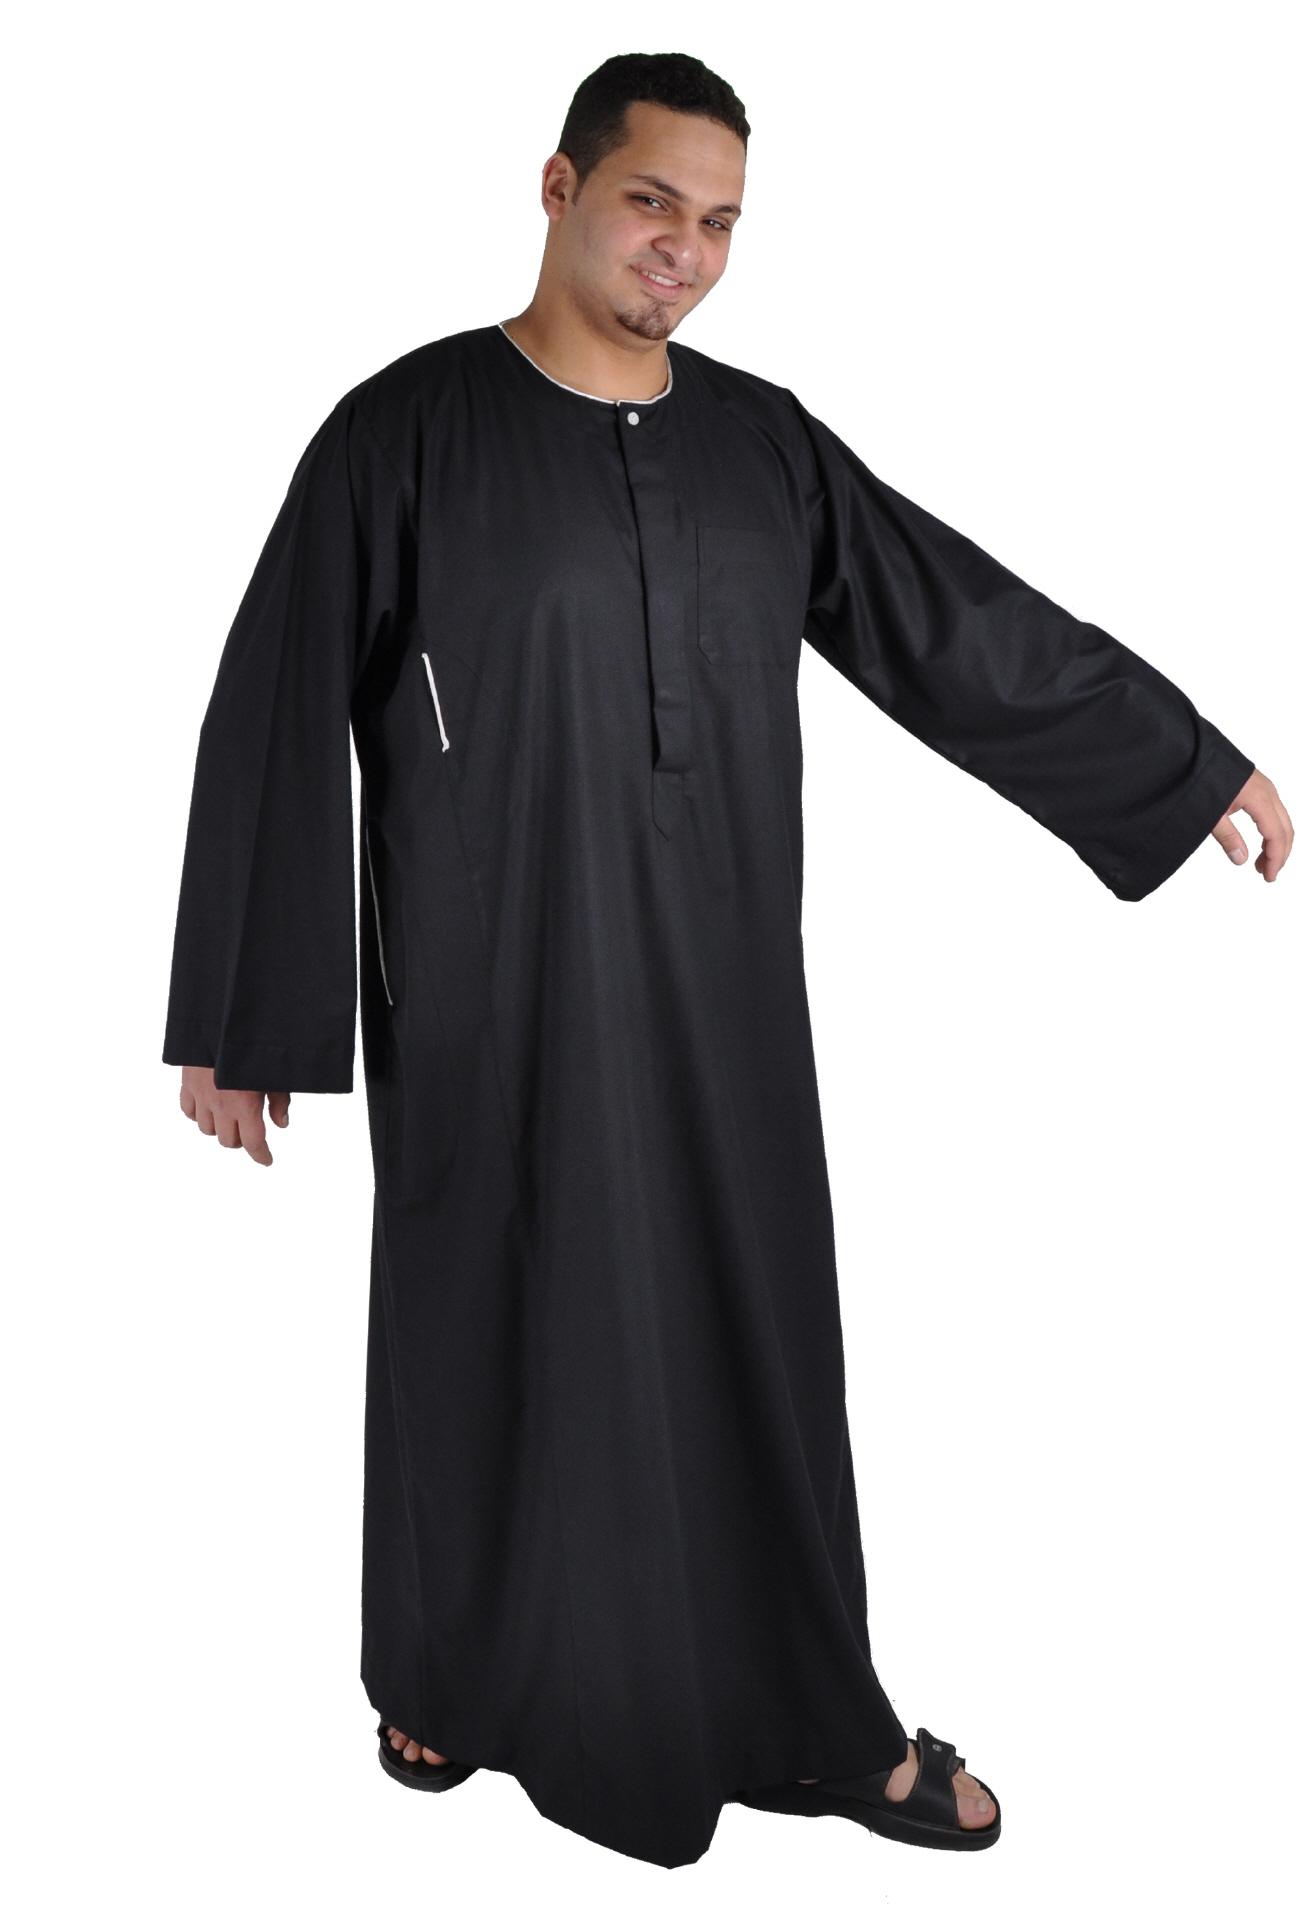 herren kaftan tunika kleid mit orientalischer stickerei in schwarz. Black Bedroom Furniture Sets. Home Design Ideas